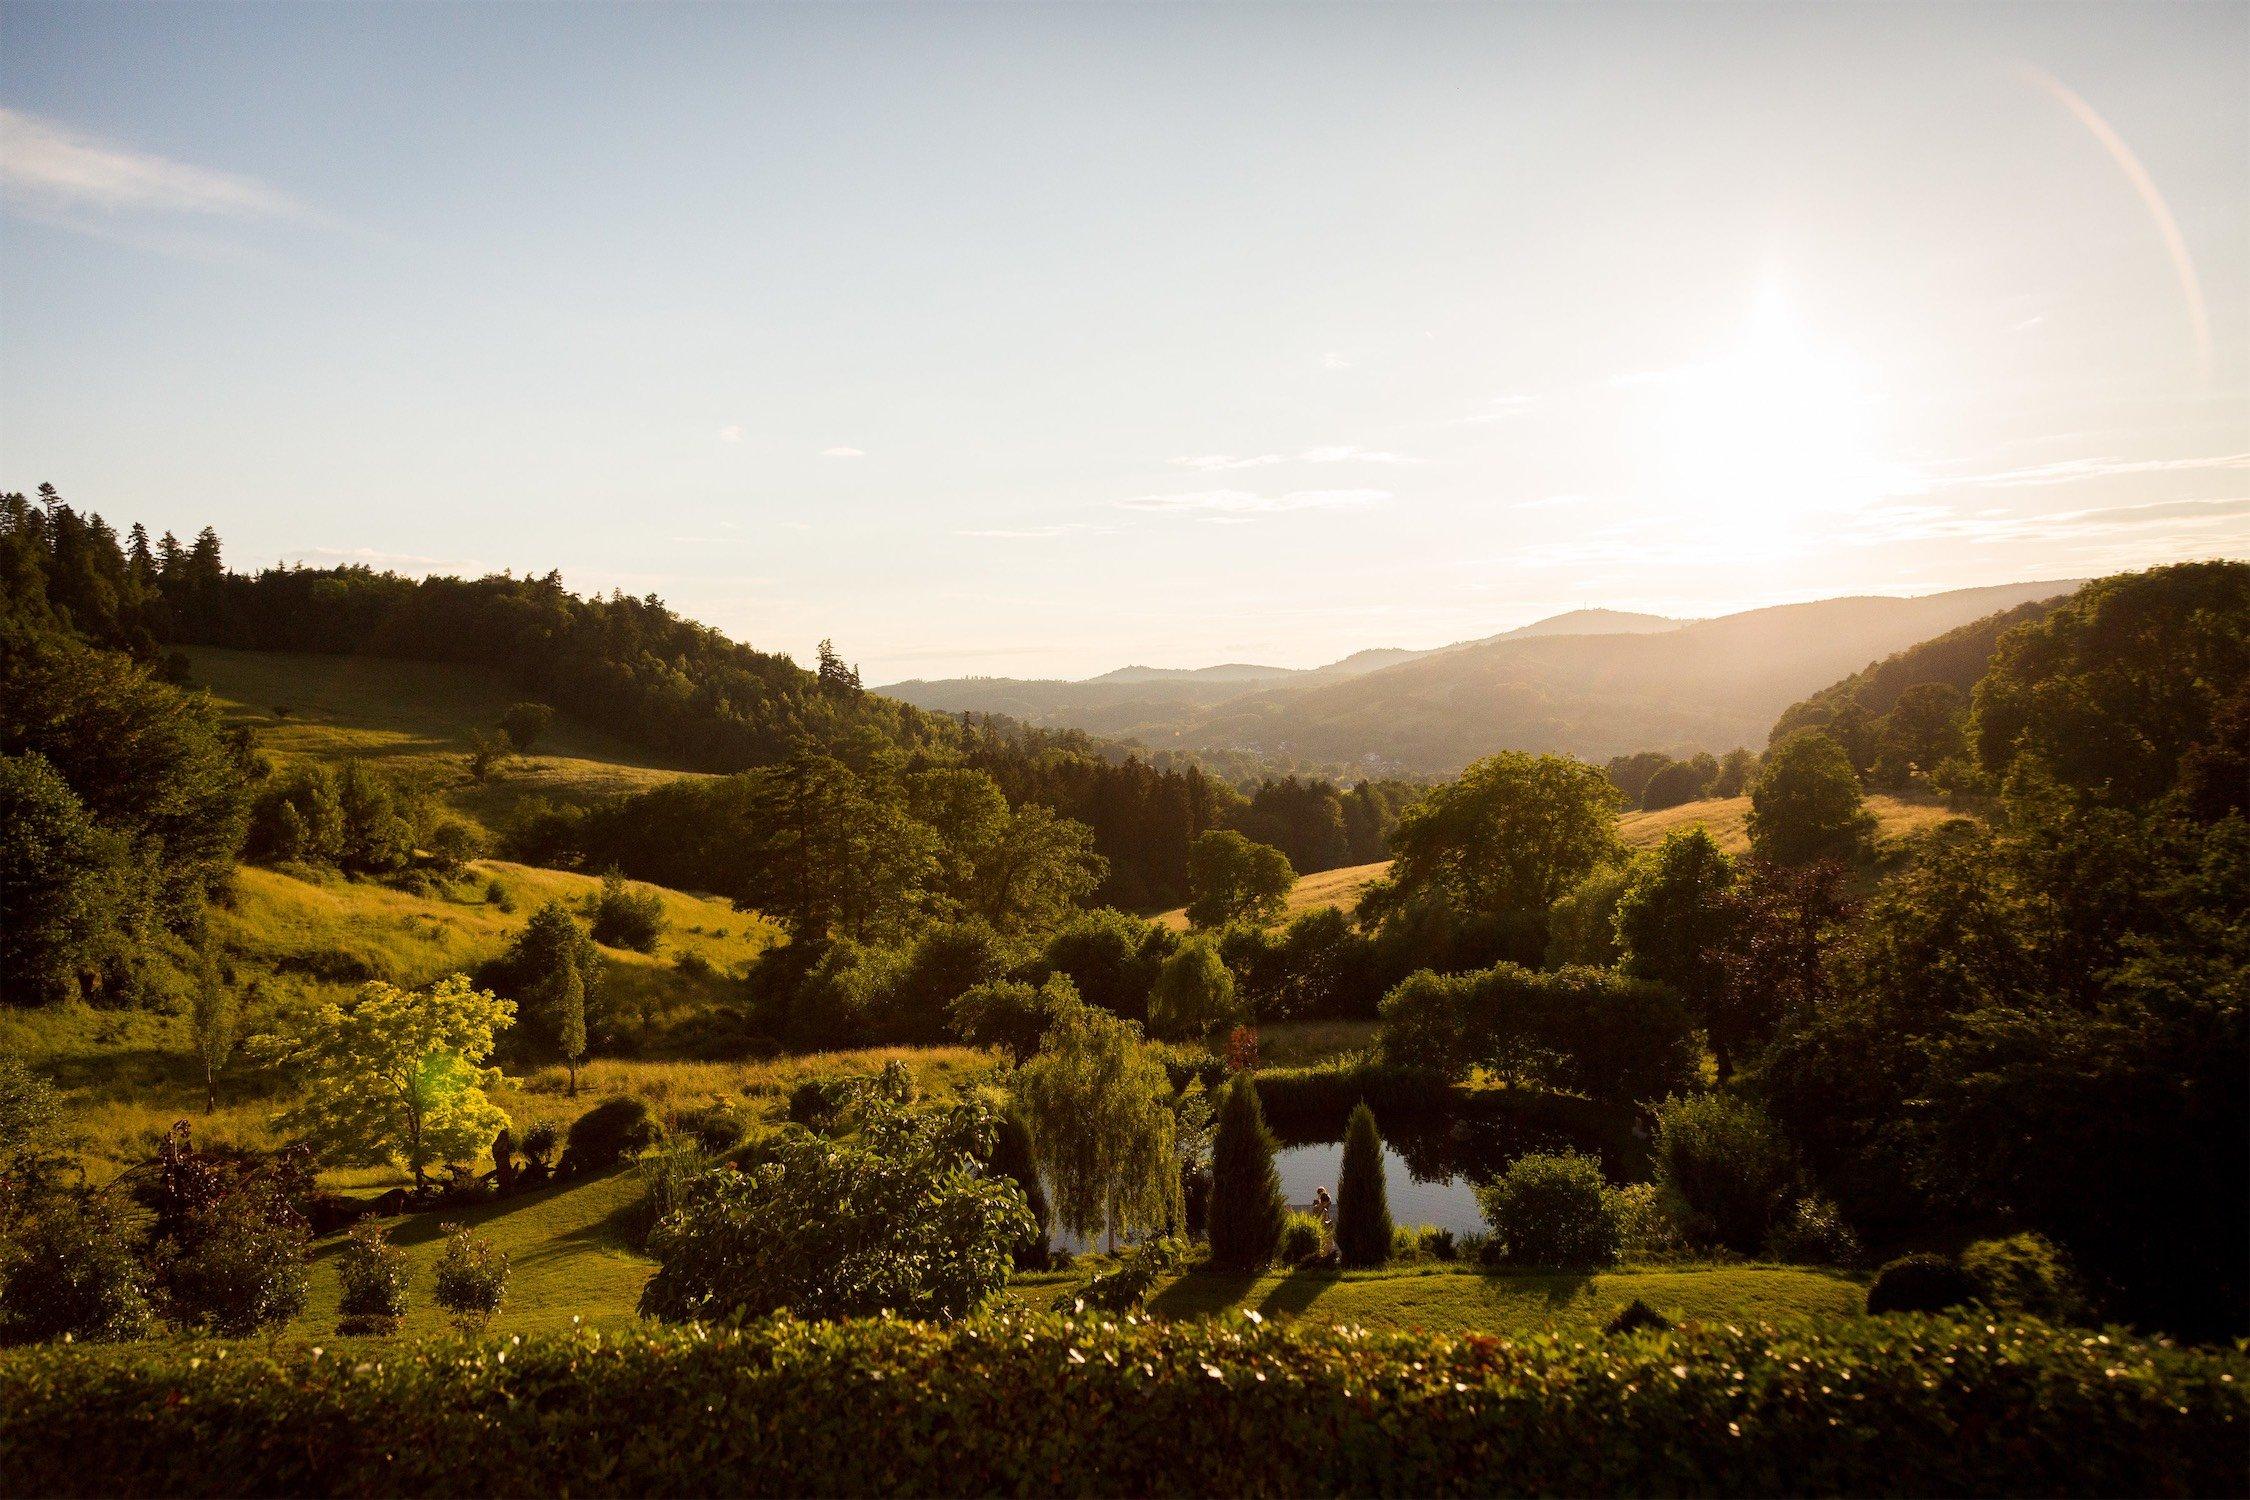 Tolle Landschaft für Fotos am Hofgut Hohenstein